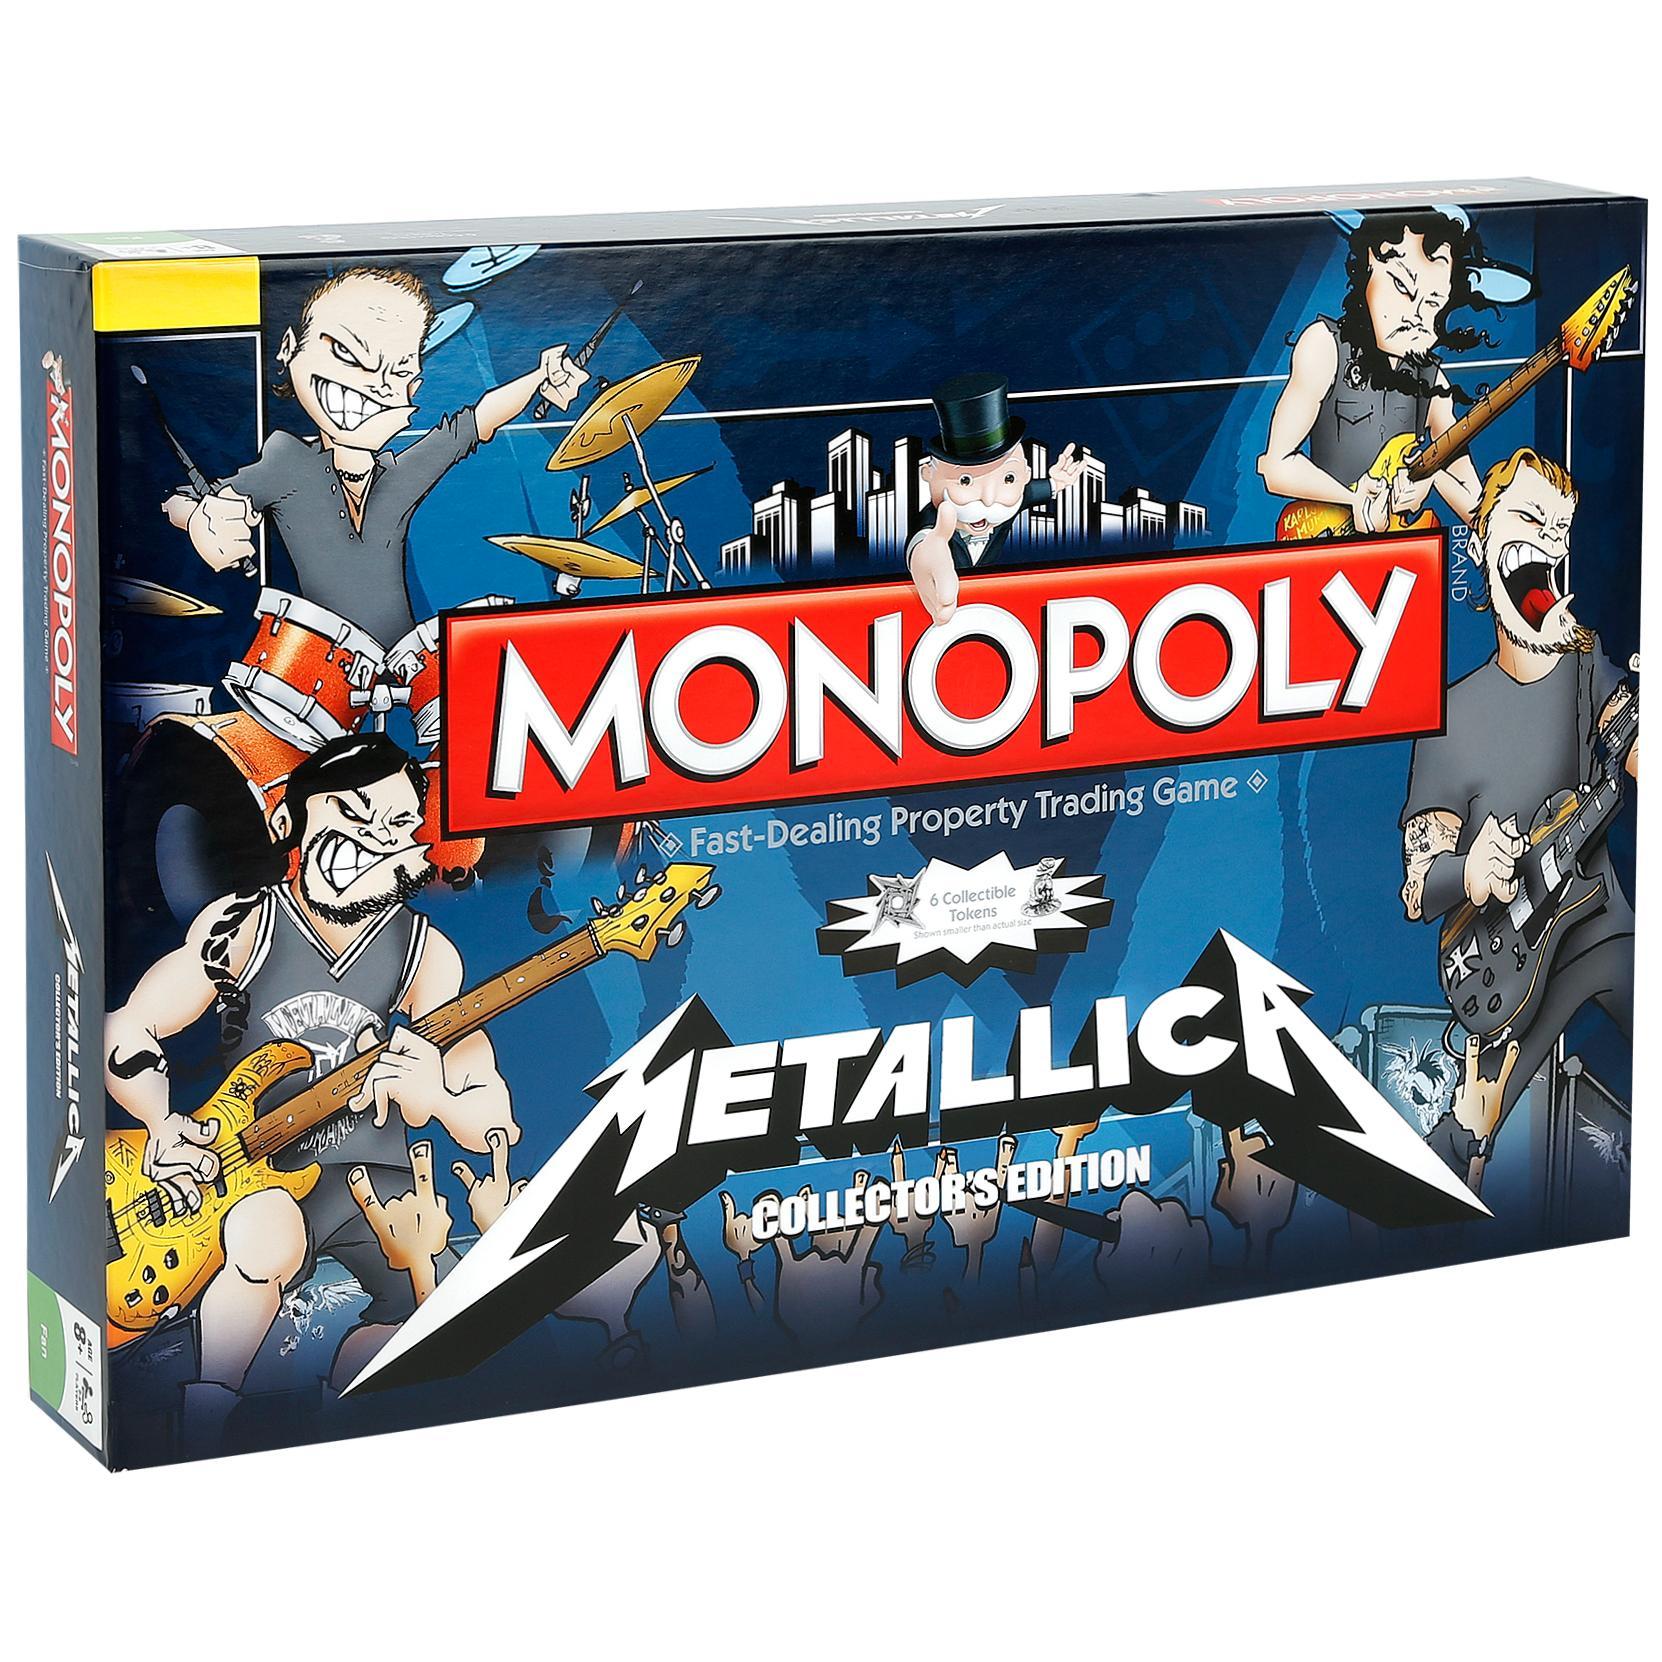 metallia-monopoly